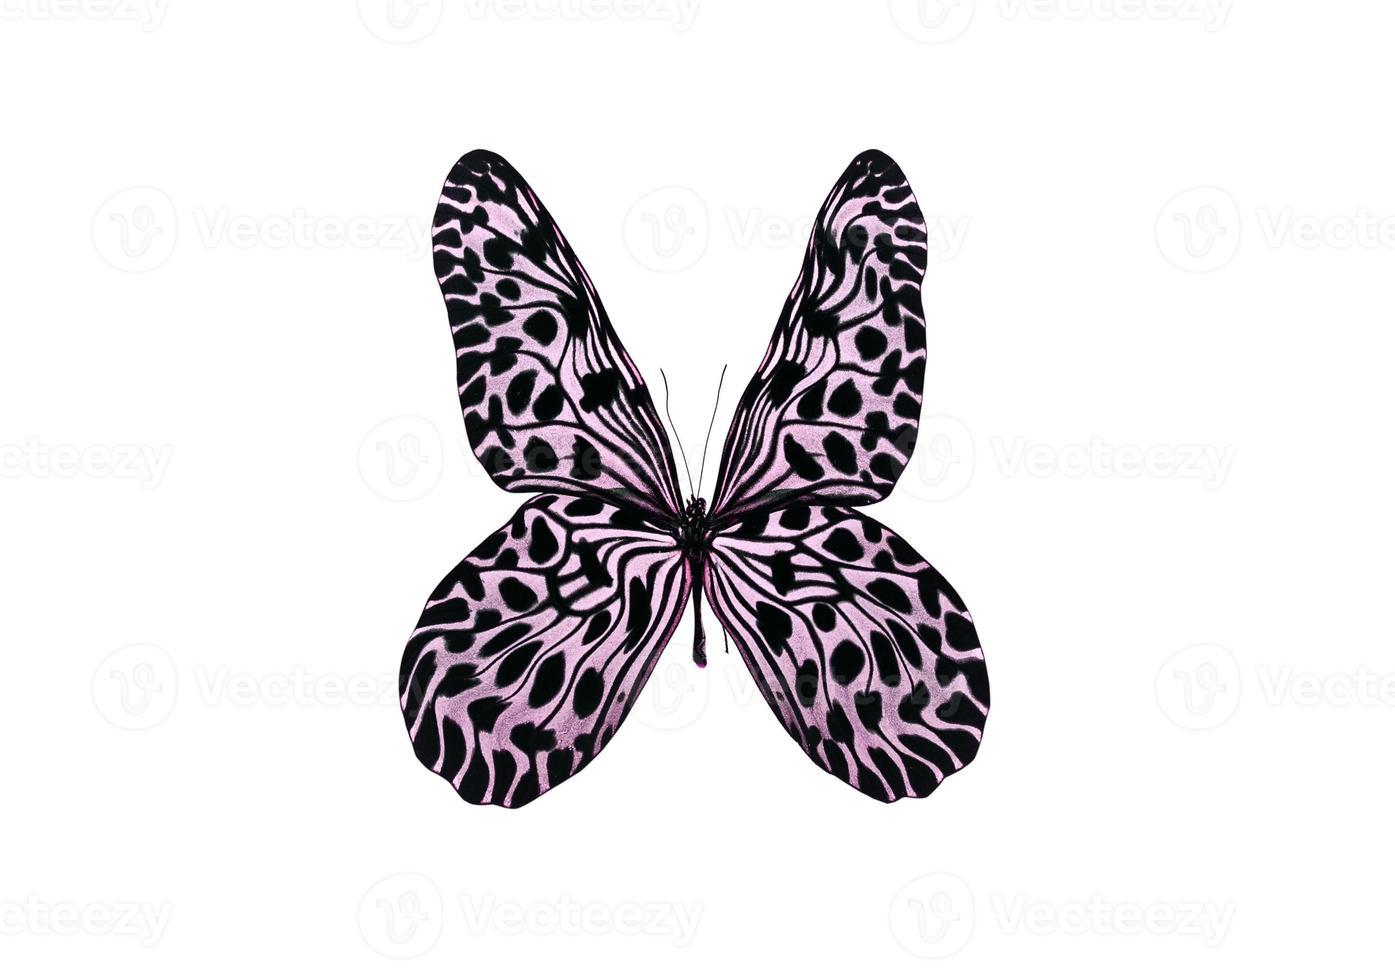 violetter Schmetterling lokalisiert auf weißem Hintergrund foto